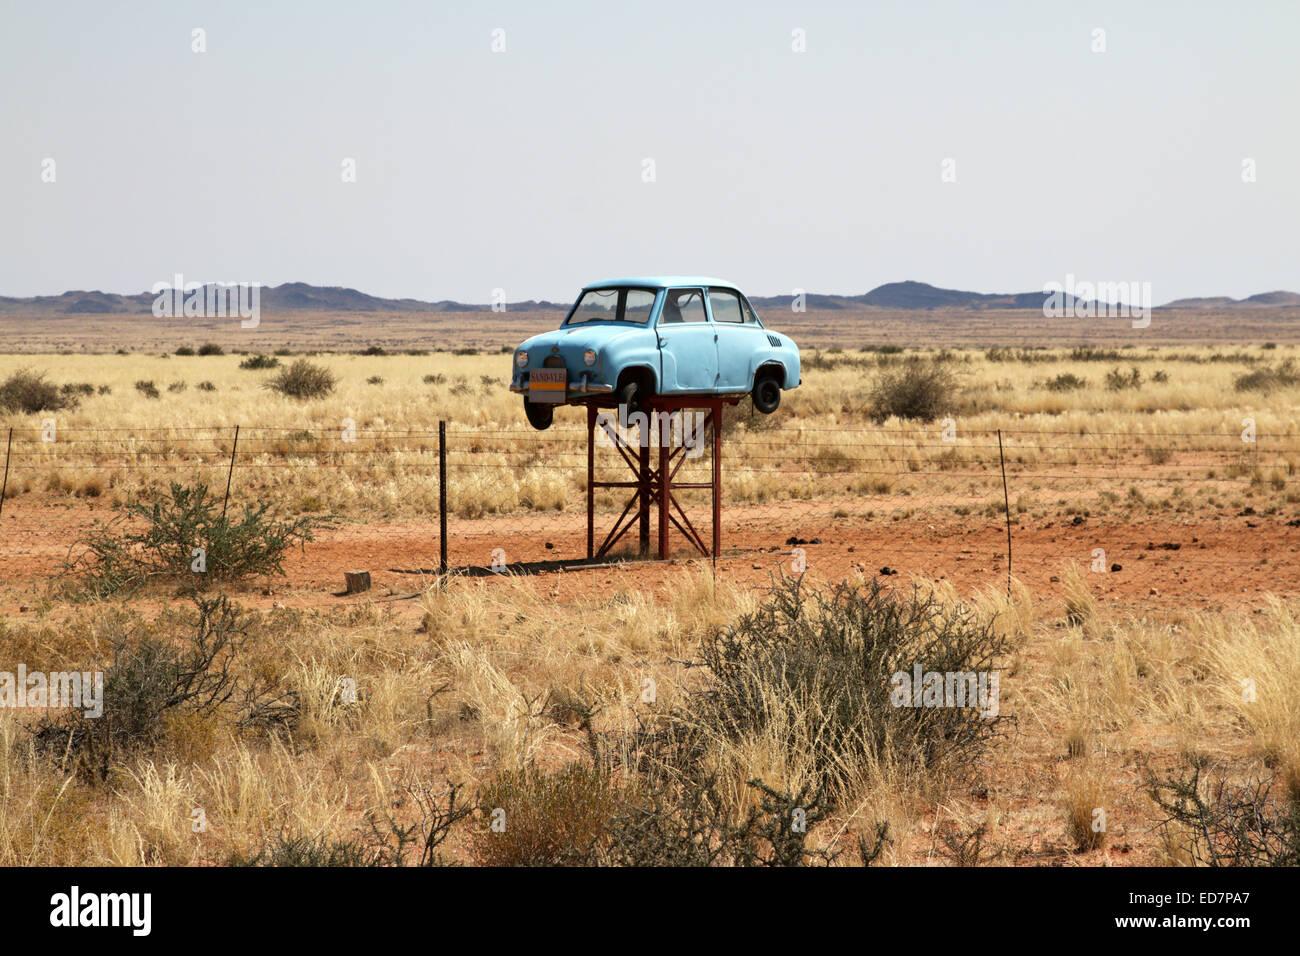 Panneau d'entrée folâtre une vieille épave Fiat à large espace ouvert d'un grand terrain et ferme près de Upington Banque D'Images